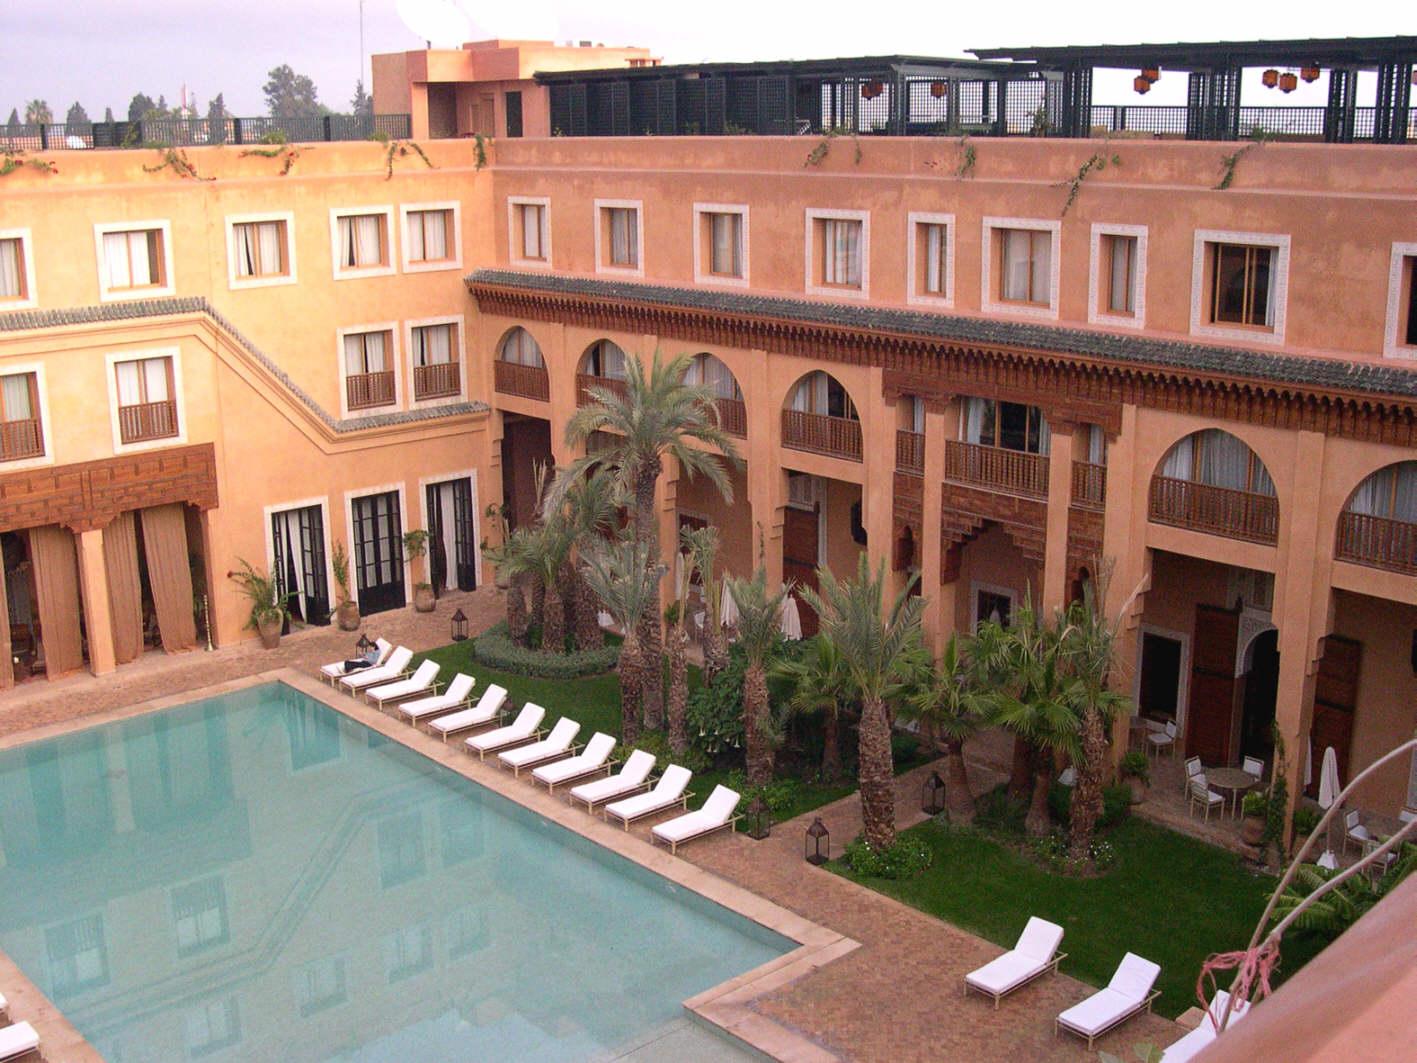 Les Jardins De La Koutoubia Un Hotel De Luxe Juste A Une Courte